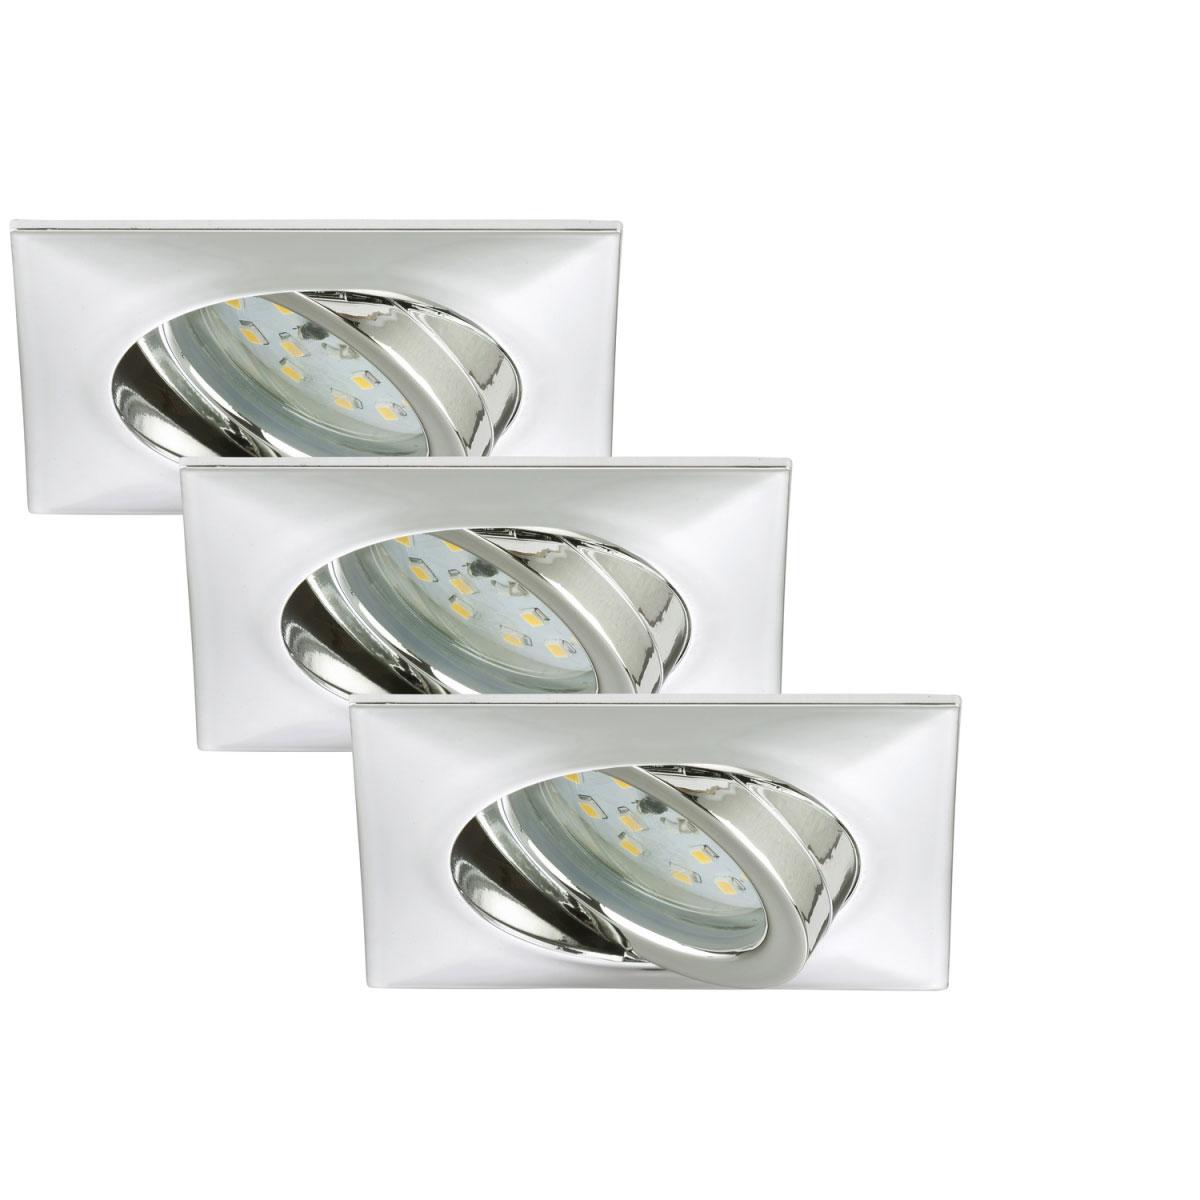 Deckenleuchten - LED Einbauleuchte 3er Set, schwenkbar, chrom, 5W  - Onlineshop Hellweg